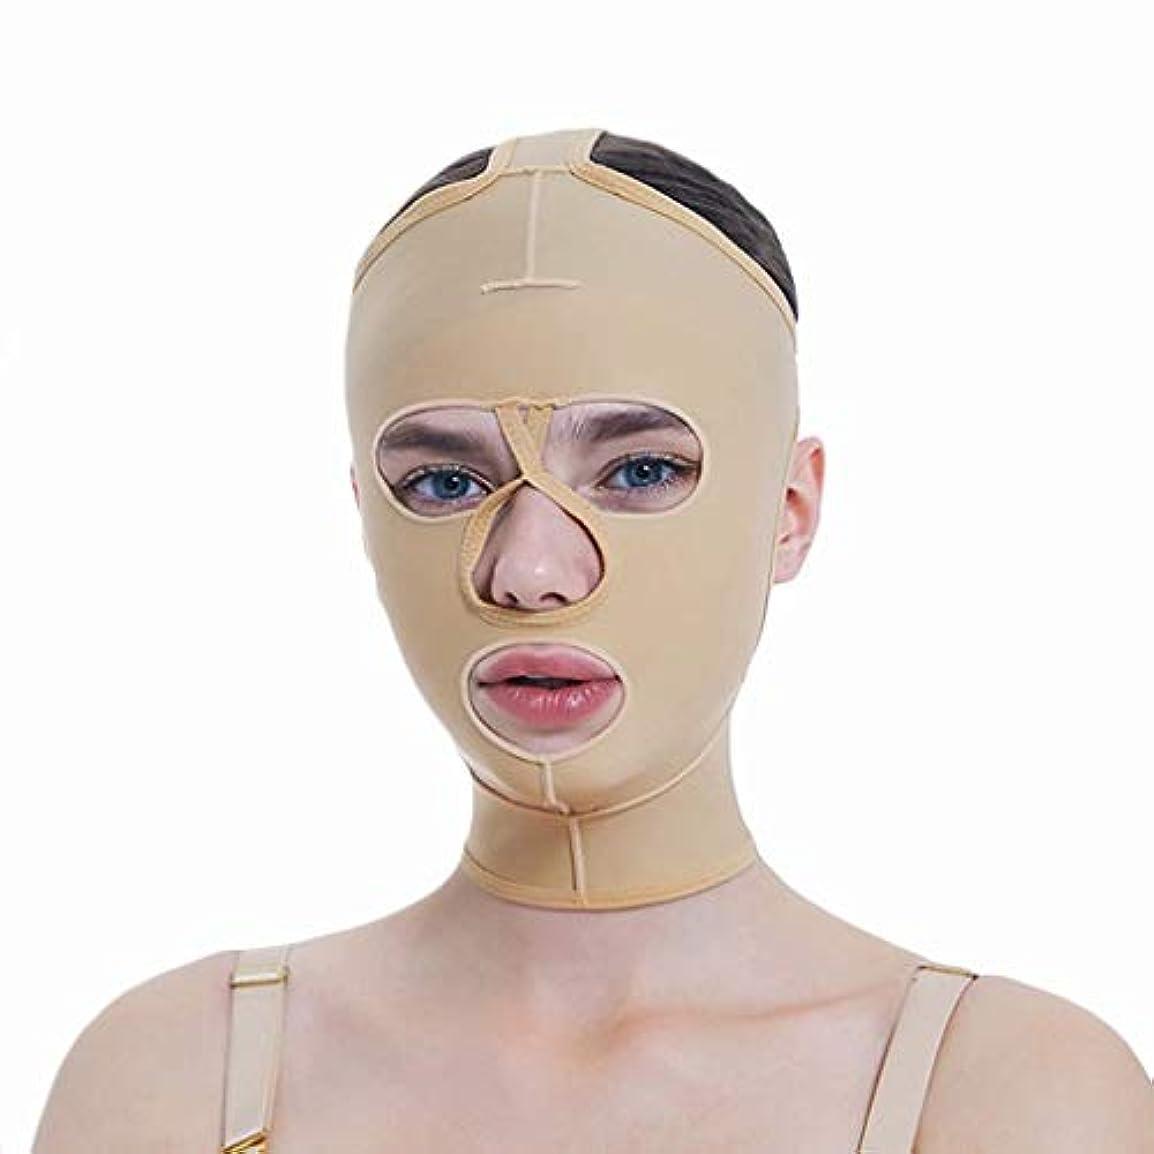 センチメンタルなしで火薬フェイシャル減量マスク、フルカバレッジ包帯、フルフェイスリフティングマスク、フェイスマスク、快適で リフティングシェーピング(サイズ:S),XS